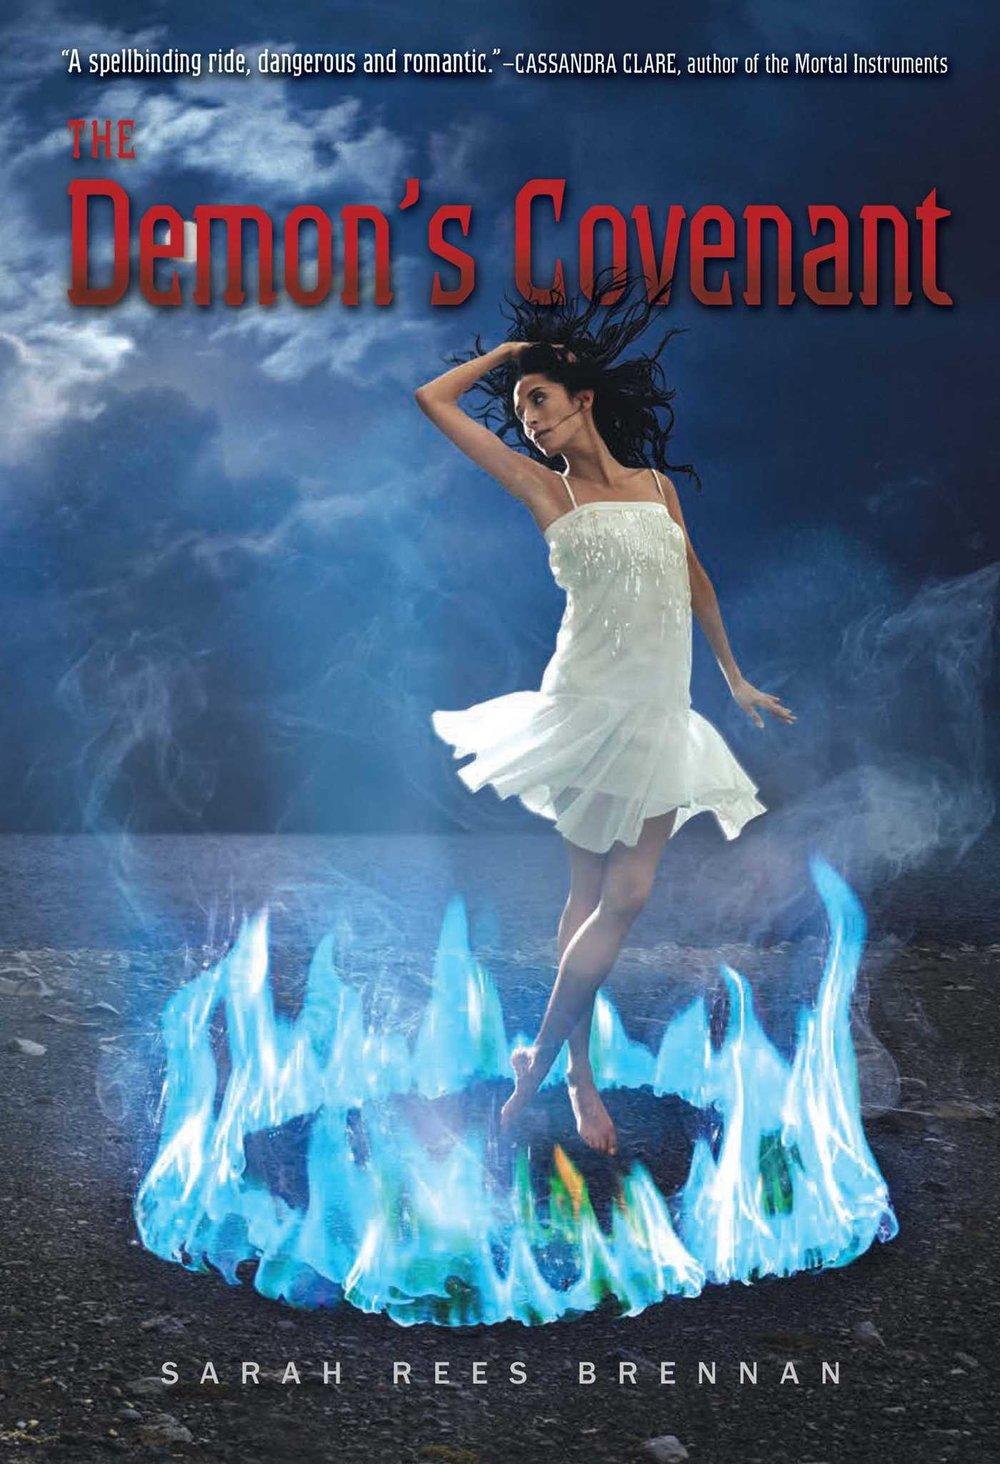 sarah-brennan-demons-covenant.jpg